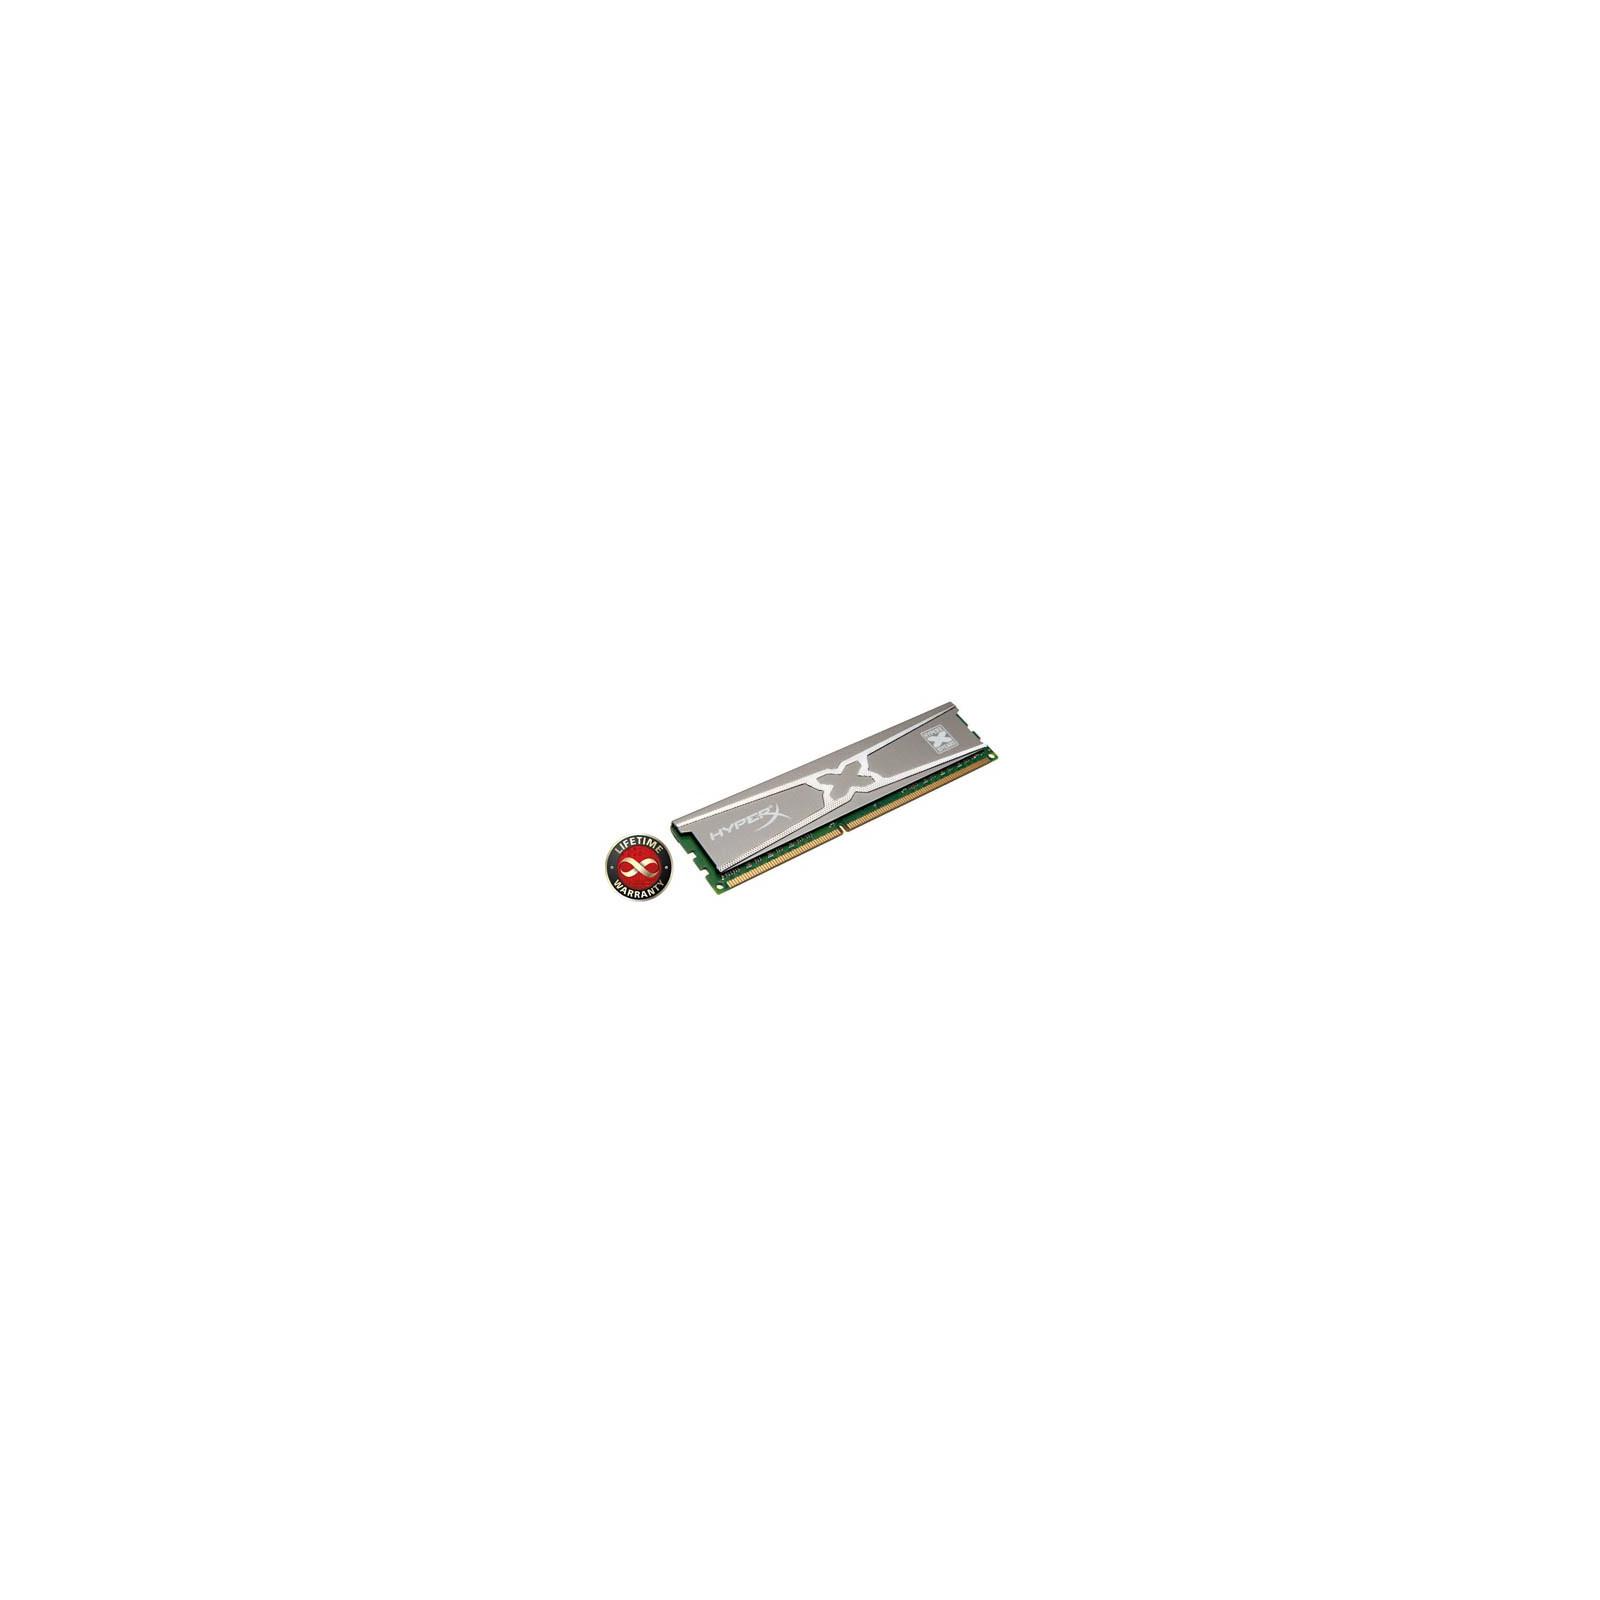 Модуль памяти для компьютера DDR3 4GB 1600 MHz Kingston (KHX16C9X3/4)